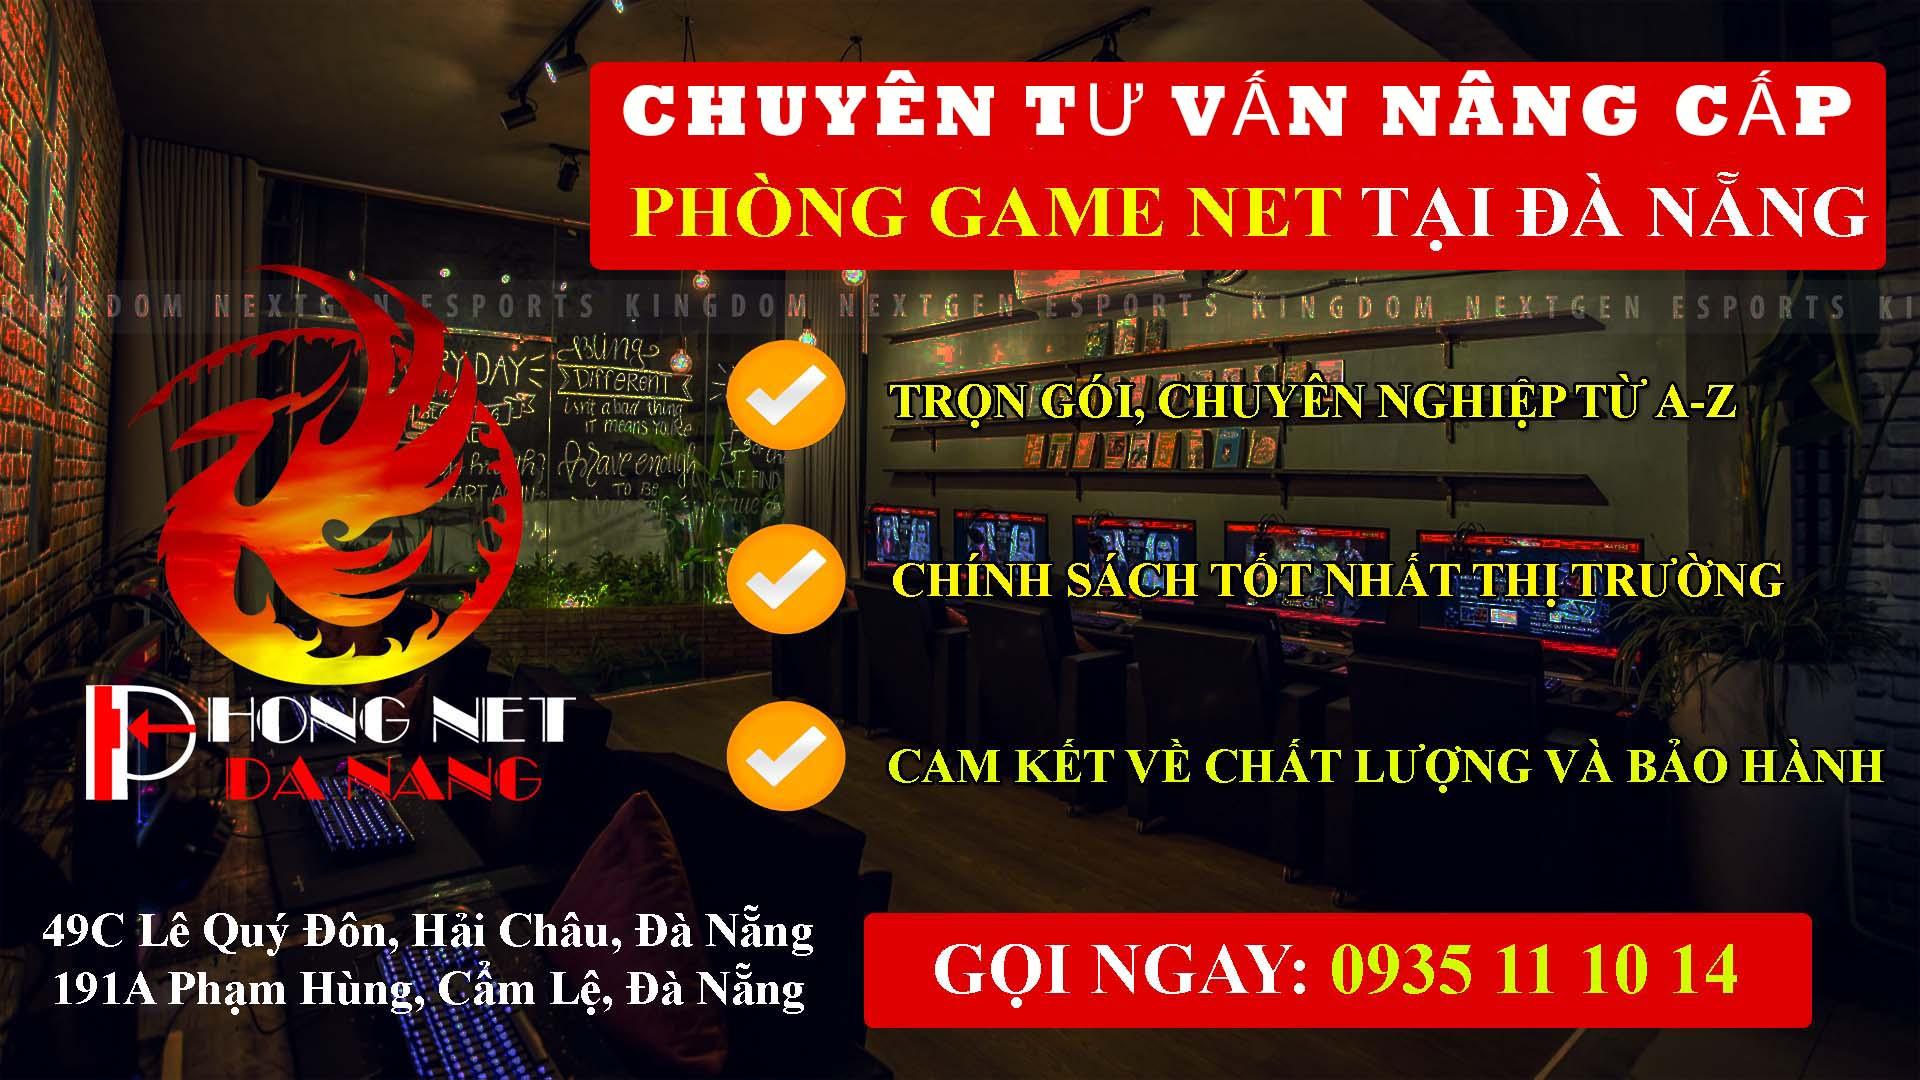 nang-cap-phong-net-tron-goi-tai-da-nang-phongnetdanang.com